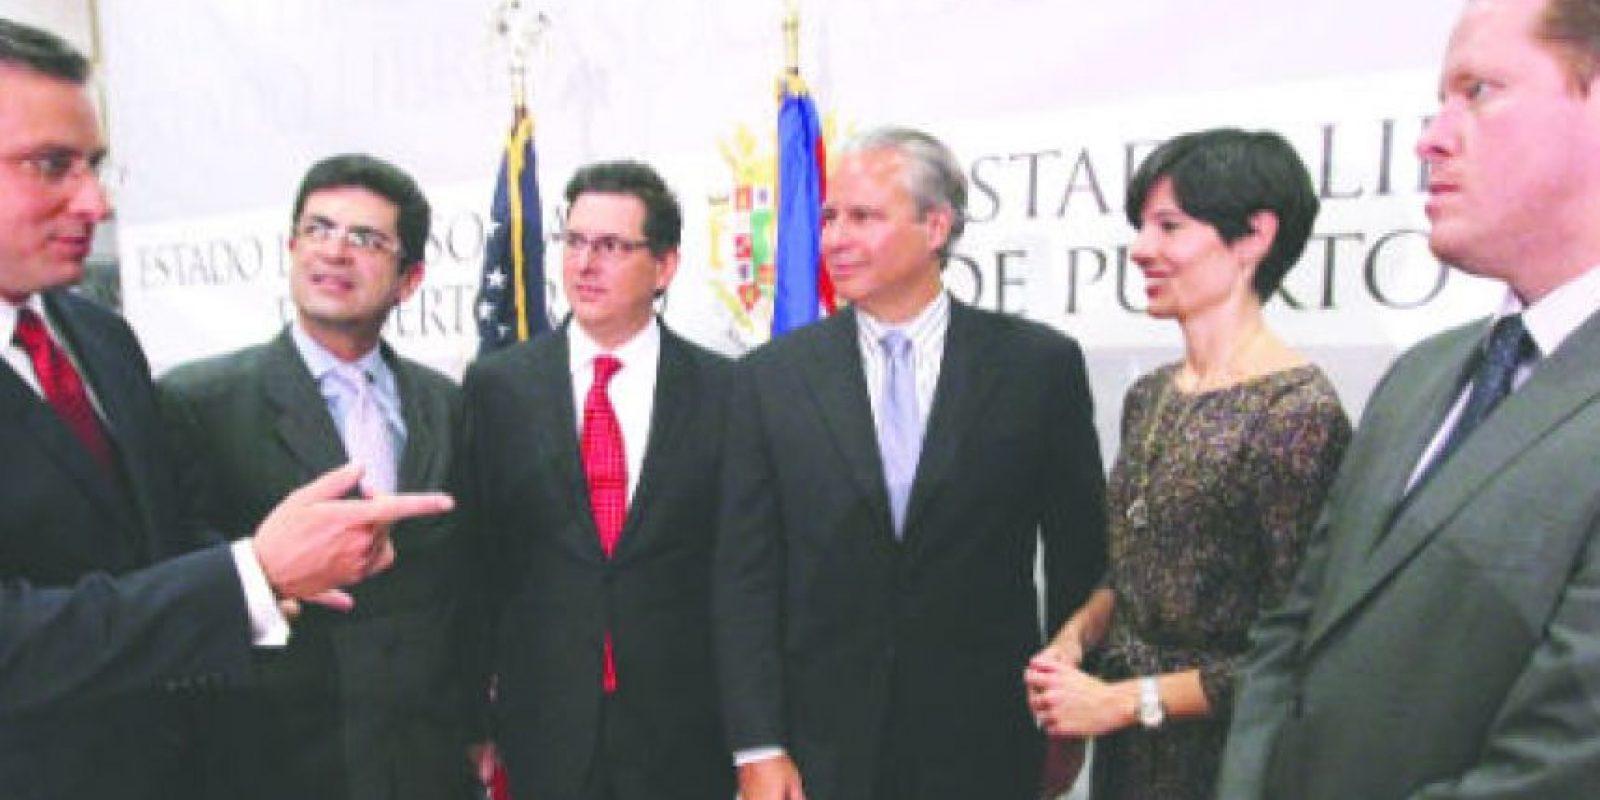 Parte del equipo de trabajo del gobernador electo, Alejandro García Padilla Foto:Keno Rodríguez. Imagen Por: